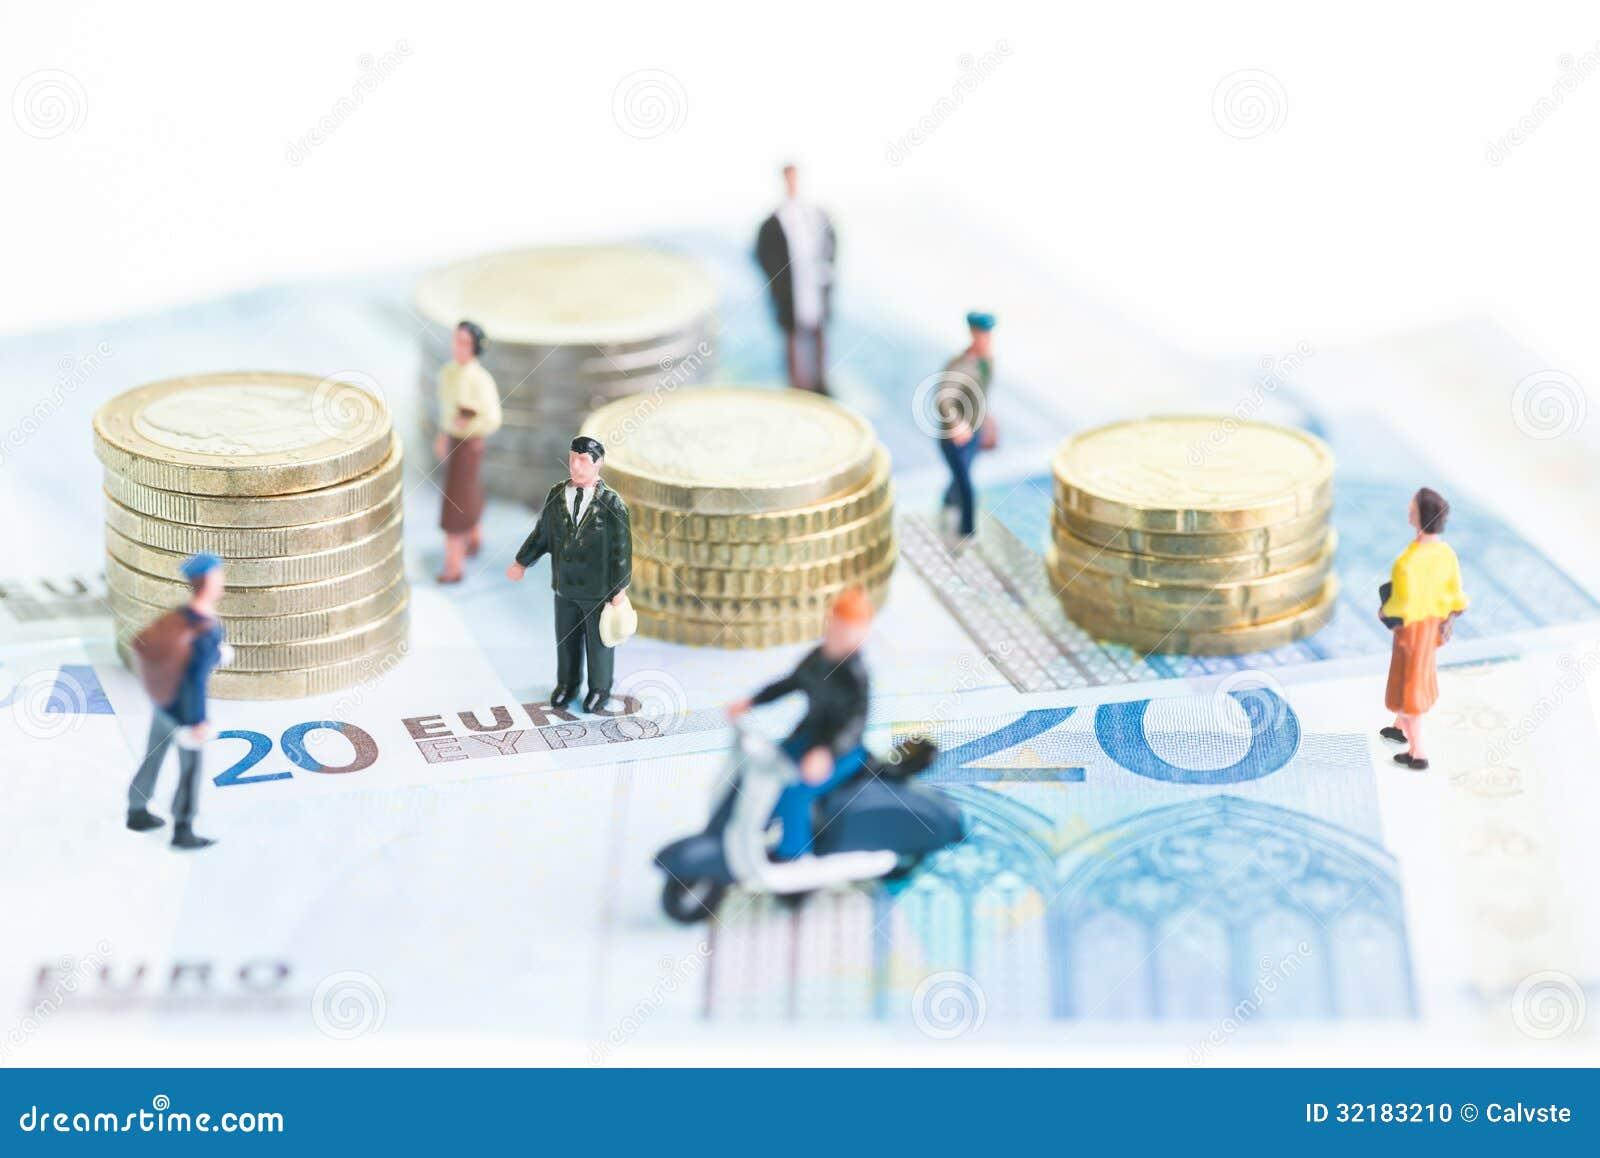 20张欧洲钞票和欧洲硬币的微型人